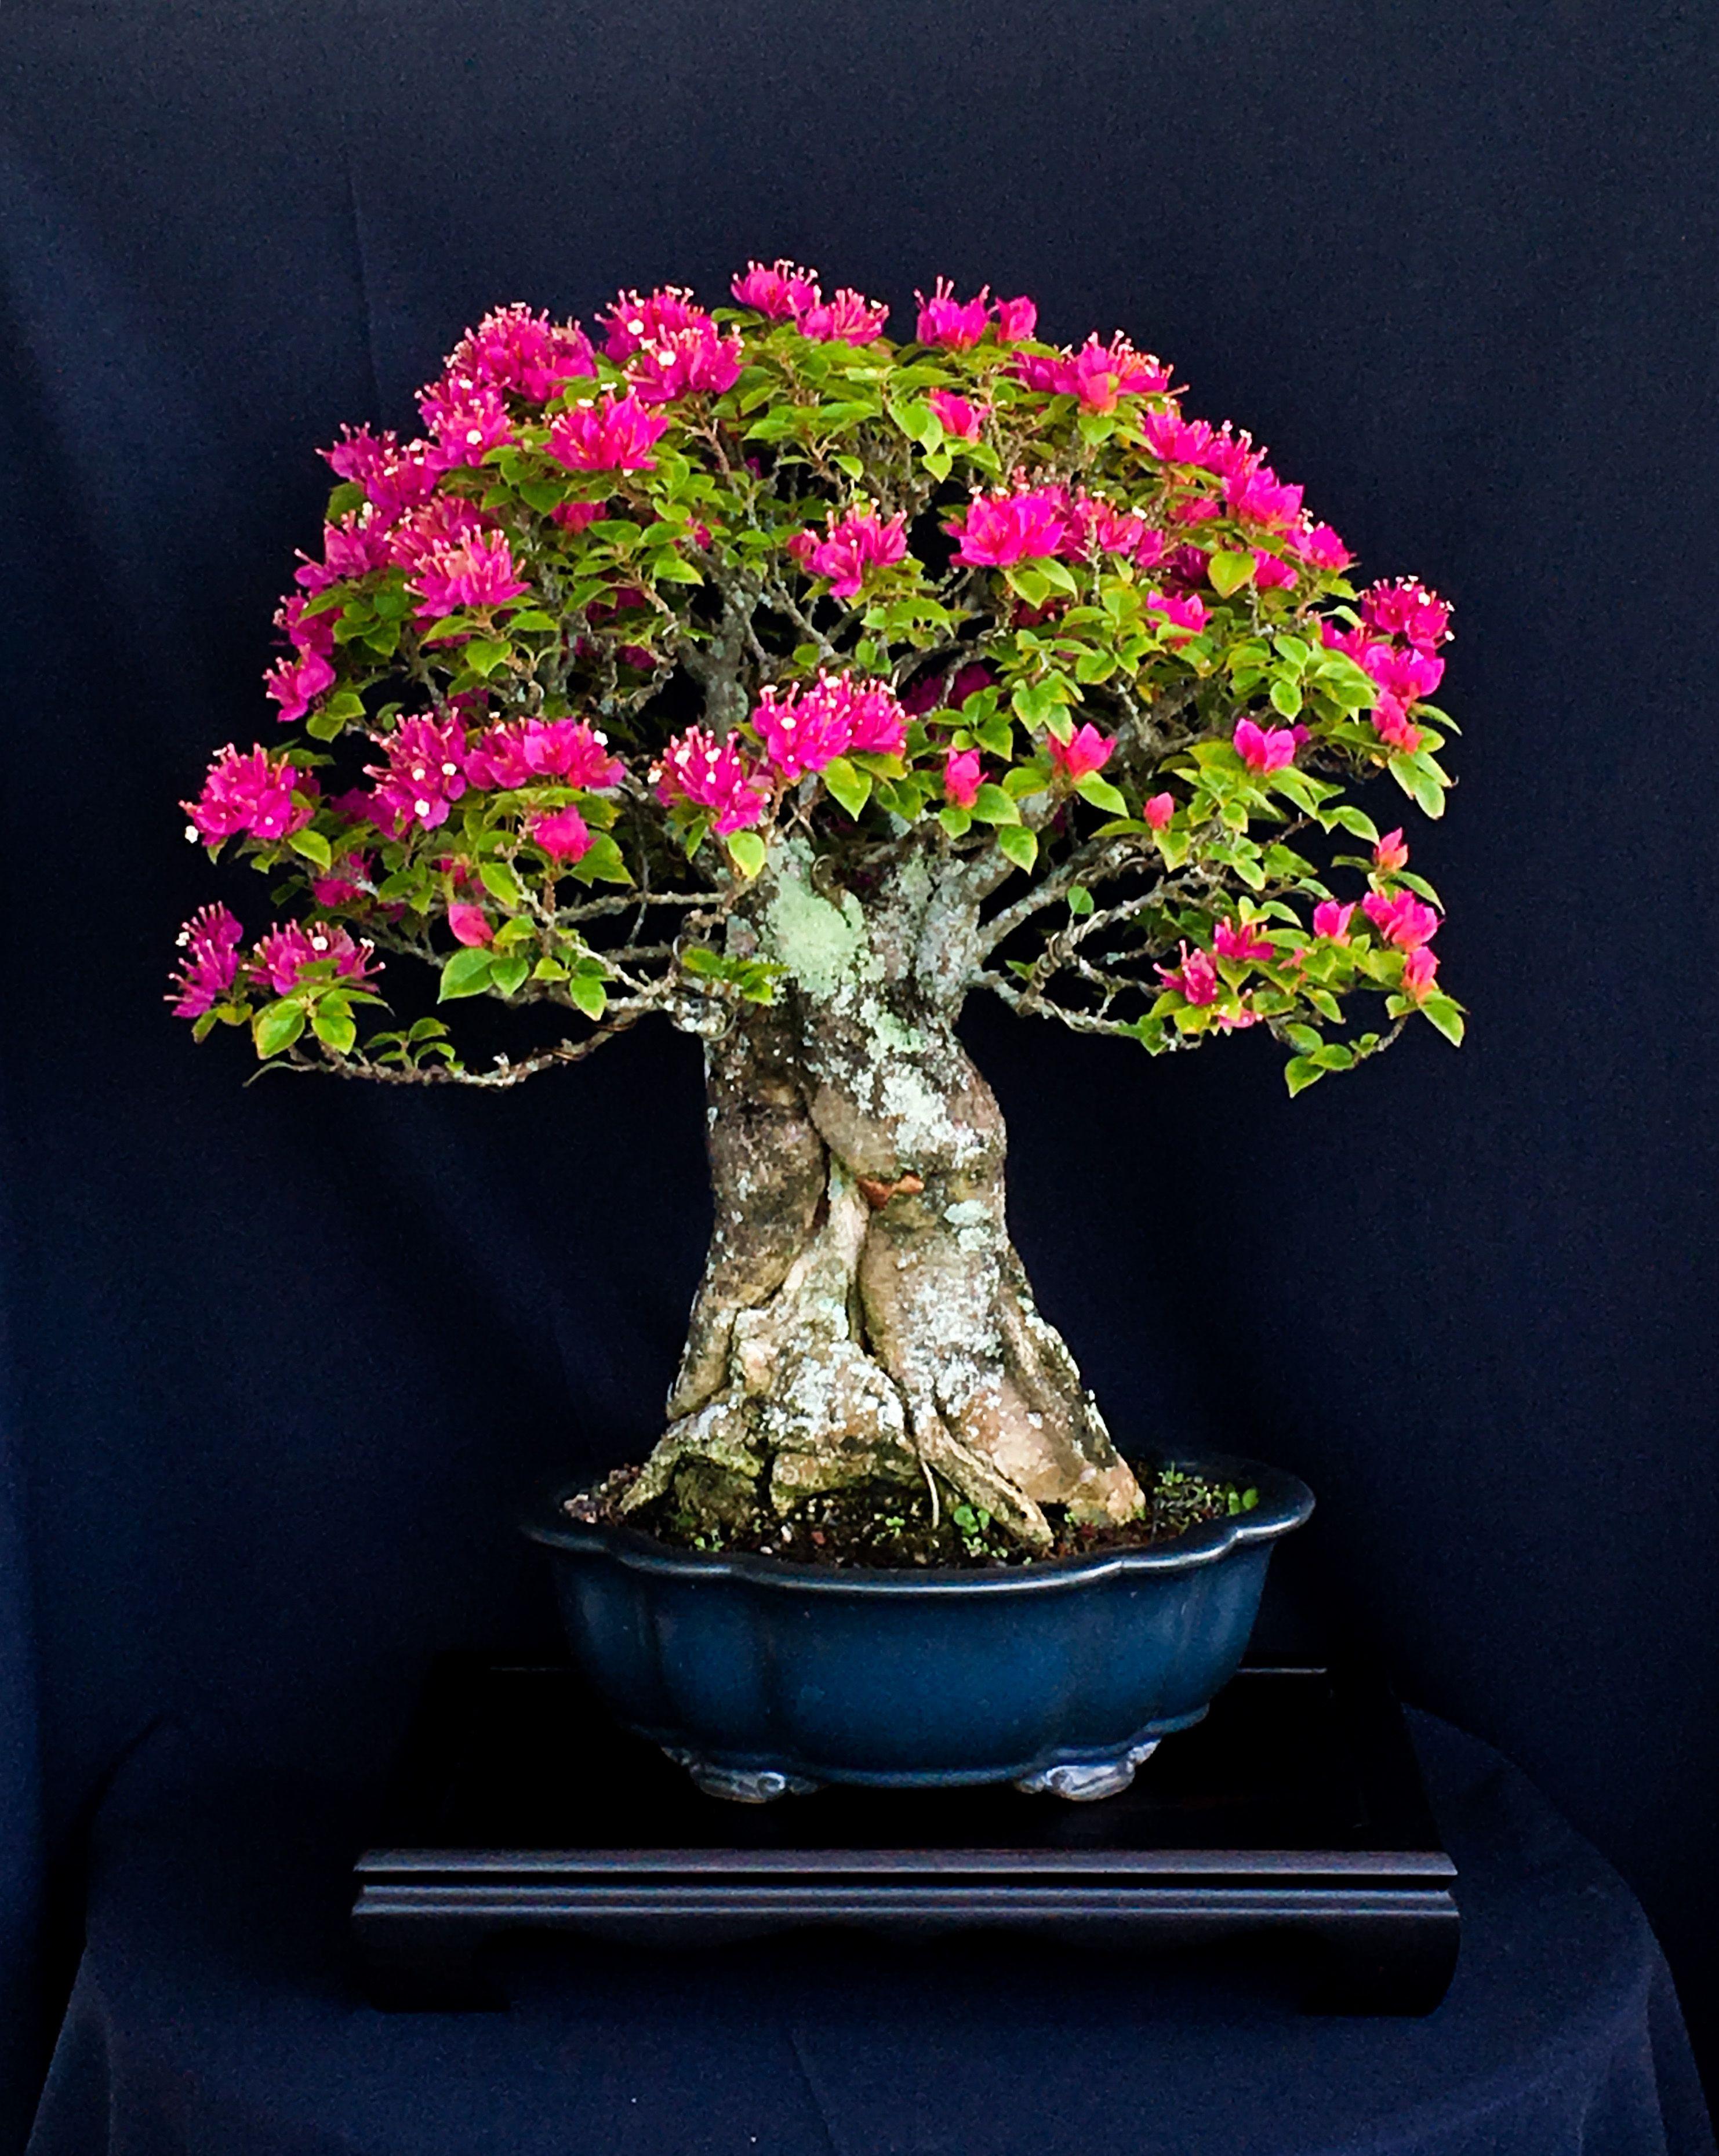 ключевой цветок бонсай фото проекта считают